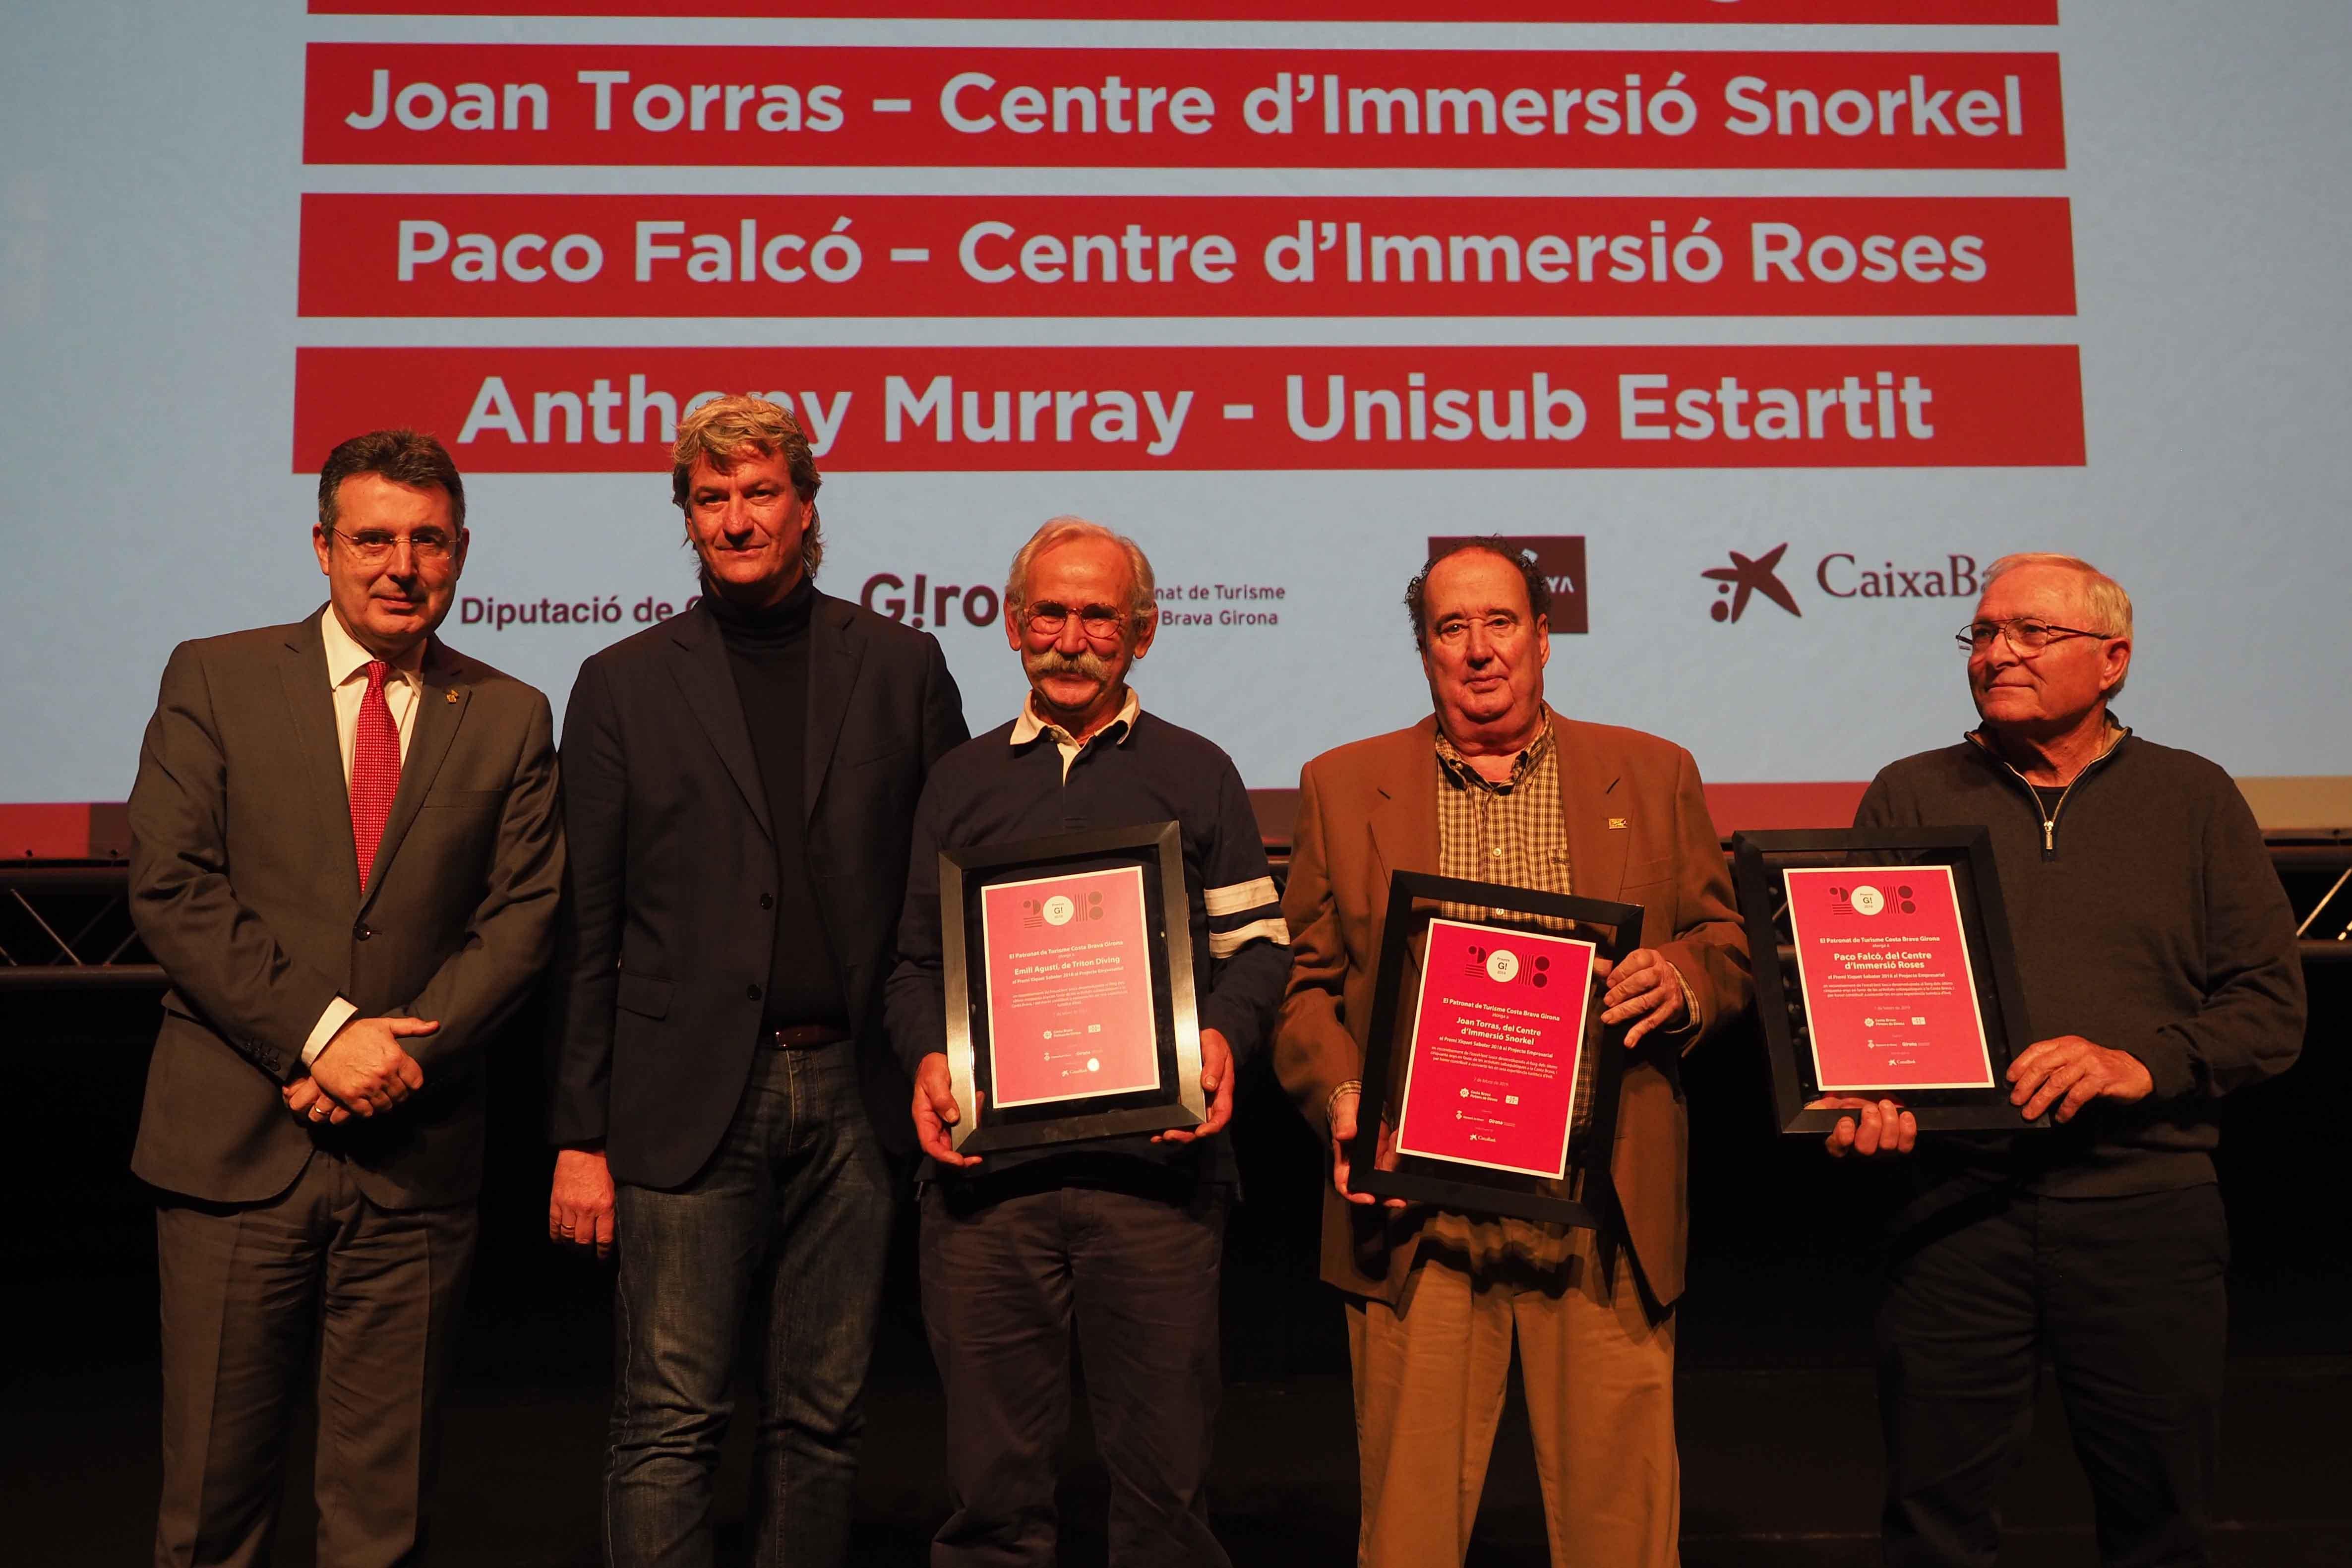 Els premis G! de Turisme guardonen un projecte empresarial del Centre d'Immersió Roses